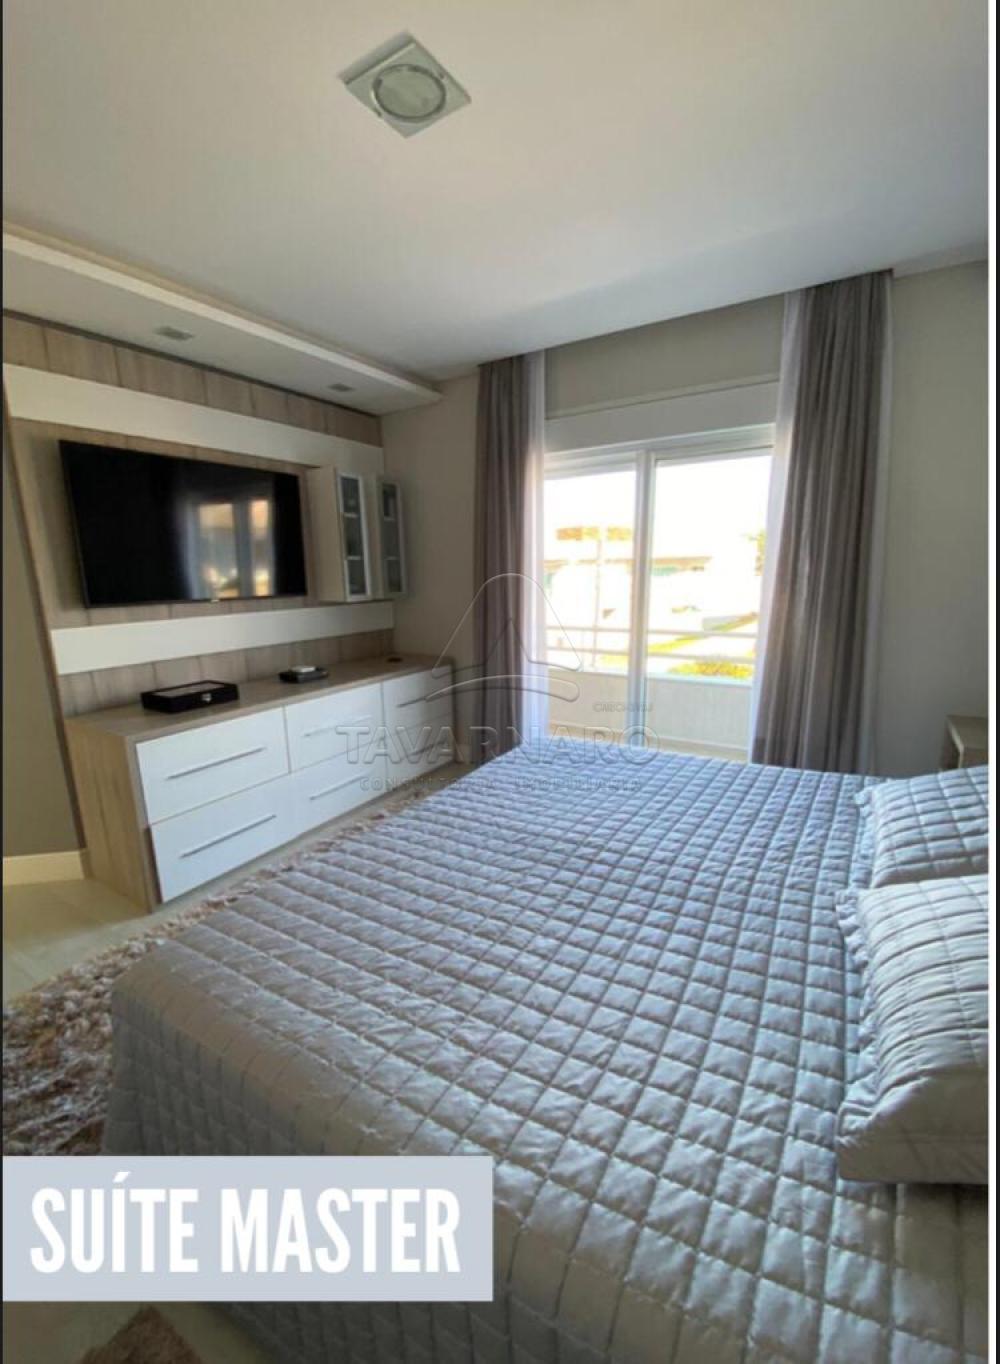 Comprar Casa / Condomínio em Ponta Grossa apenas R$ 1.590.000,00 - Foto 16